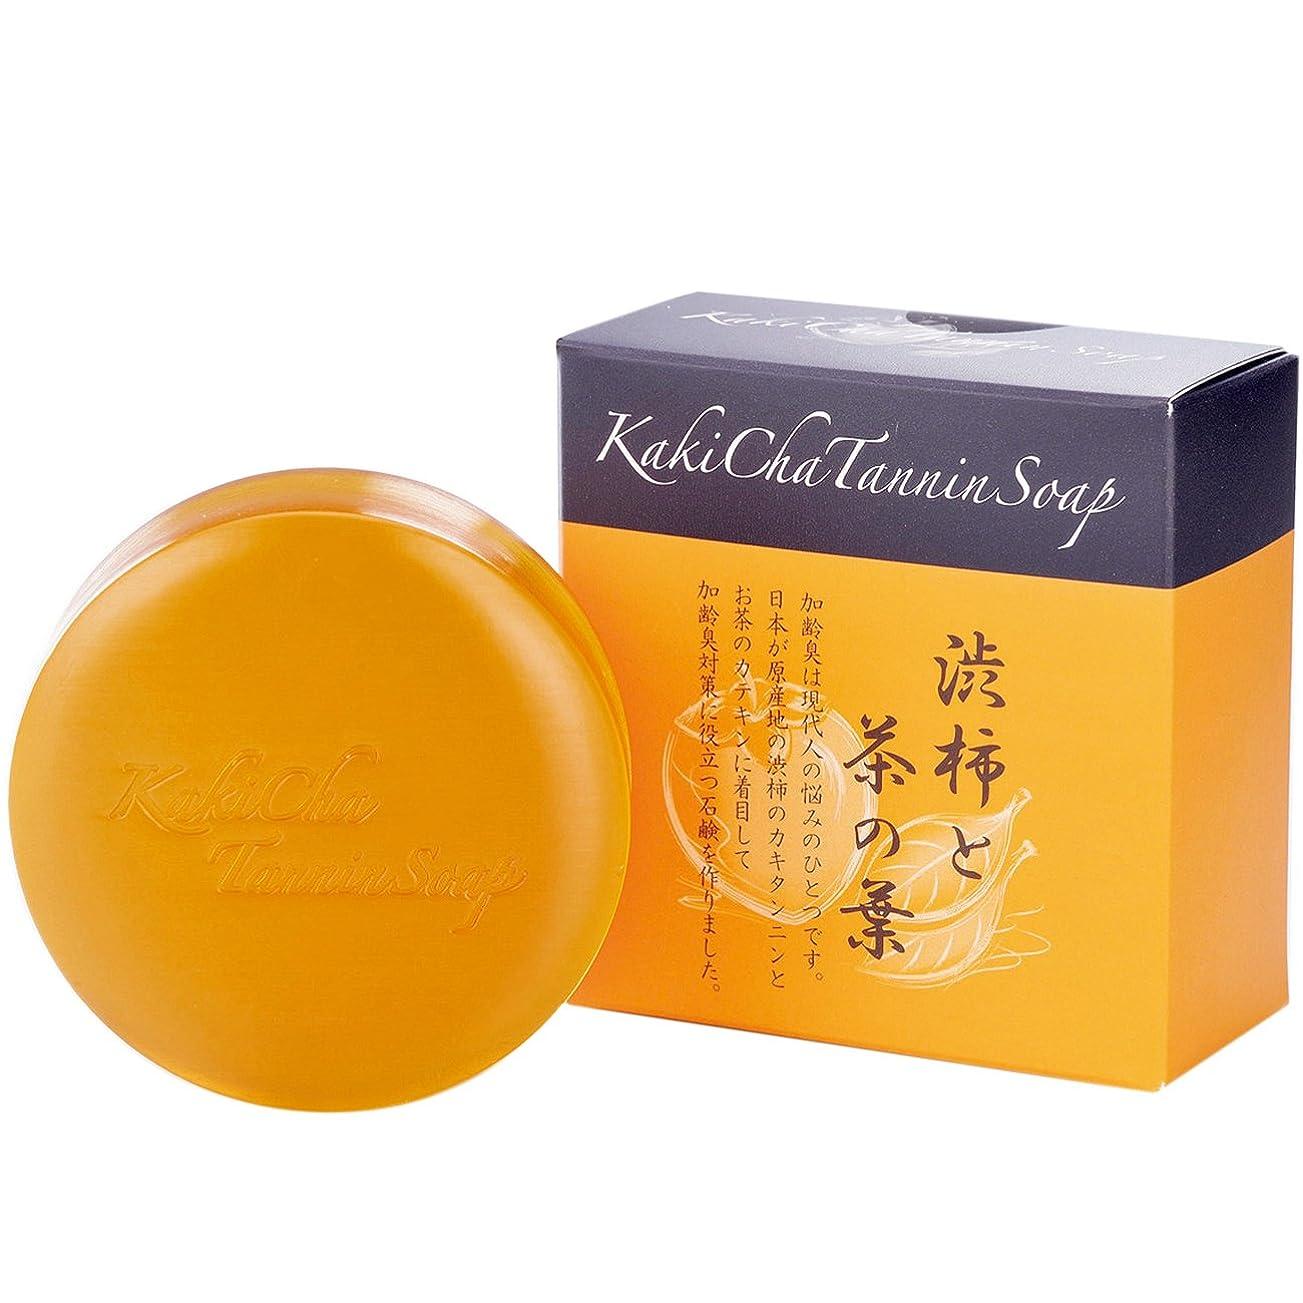 あからさま有能なミニリフレ 柿茶タンニンソープ <35023>